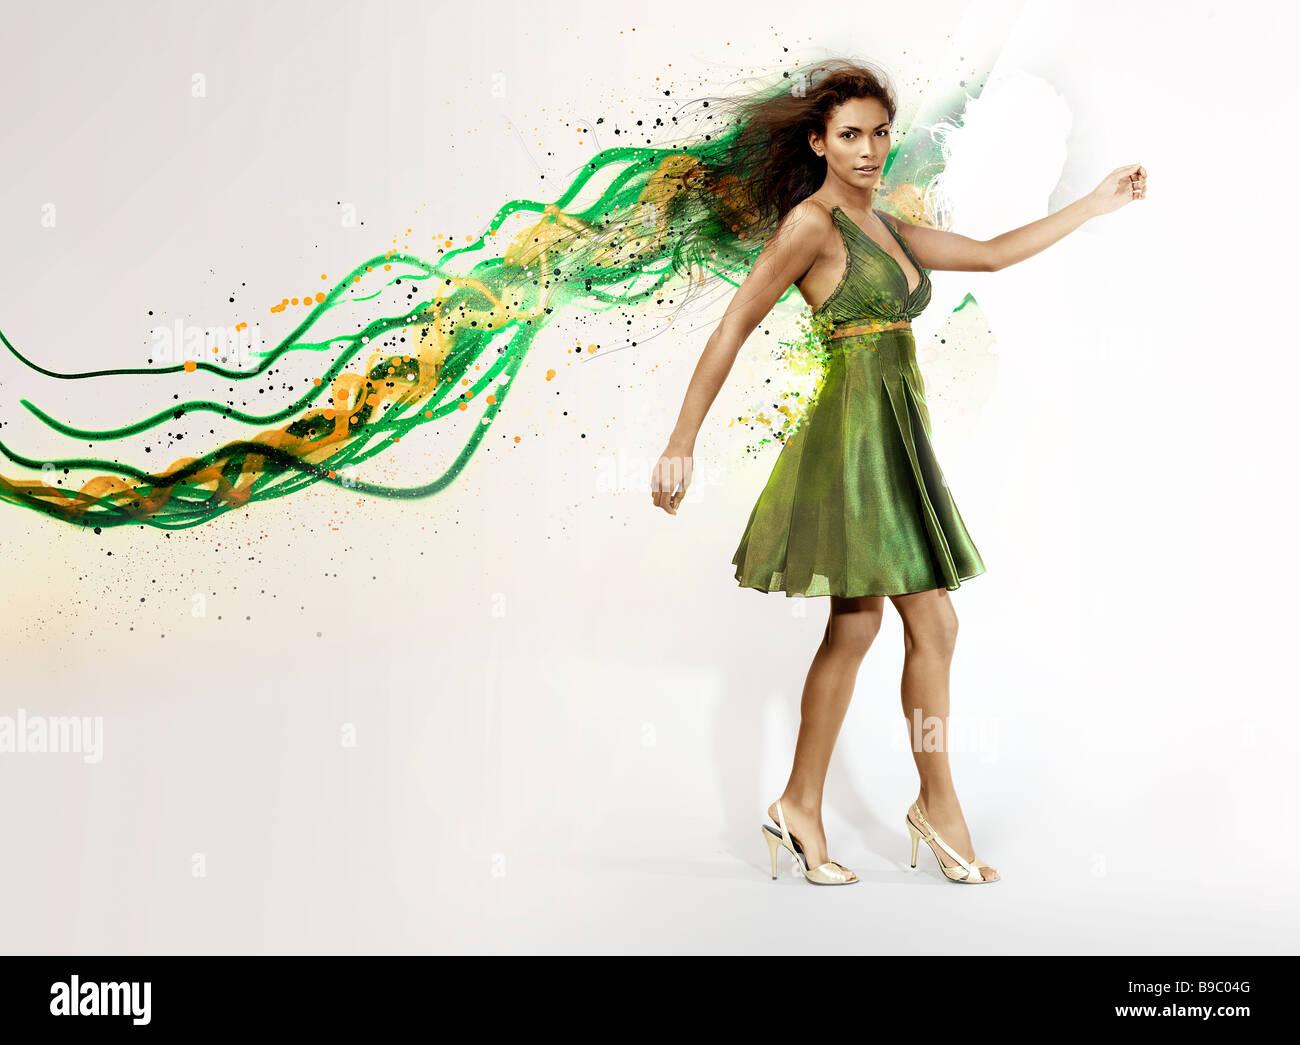 Mädchen. Bewegung. Illustrative Hintergrund. Grafischen Schuss. Mode. Ethnischen. Gemischte Rassen. Modell. Stockbild